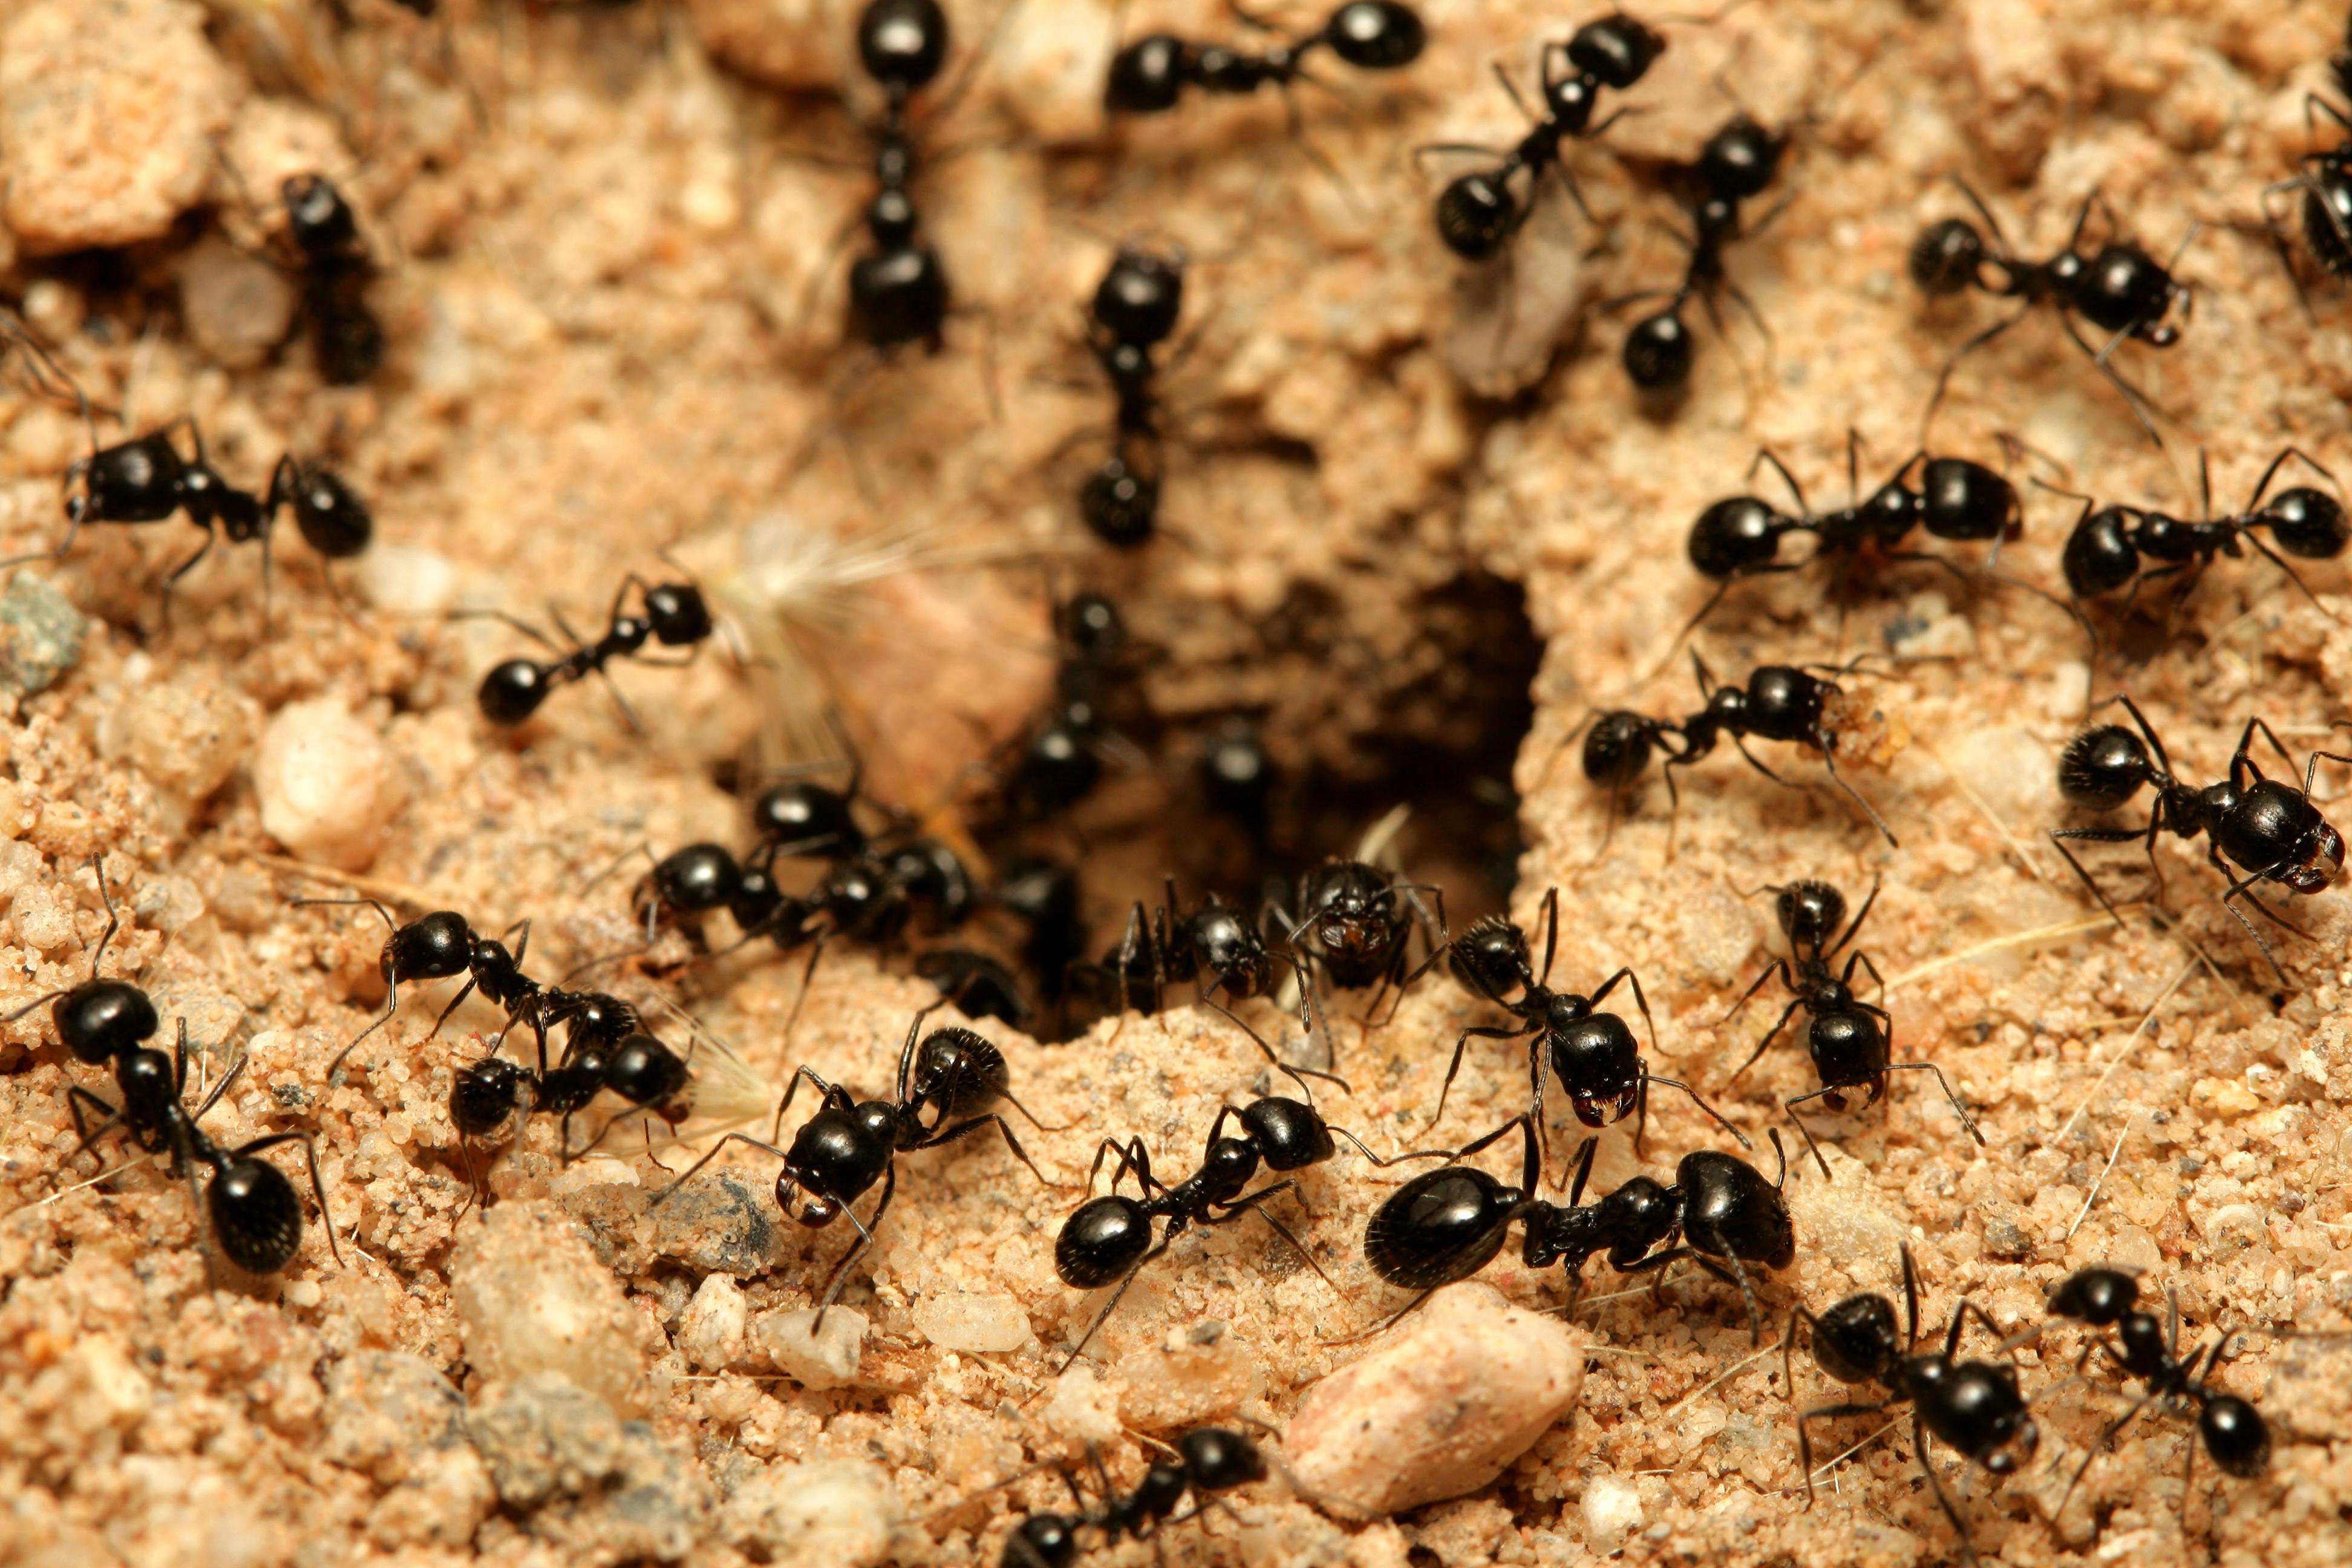 O colonie de furnici canibale a fost descoperita intr-un buncar nuclear polonez